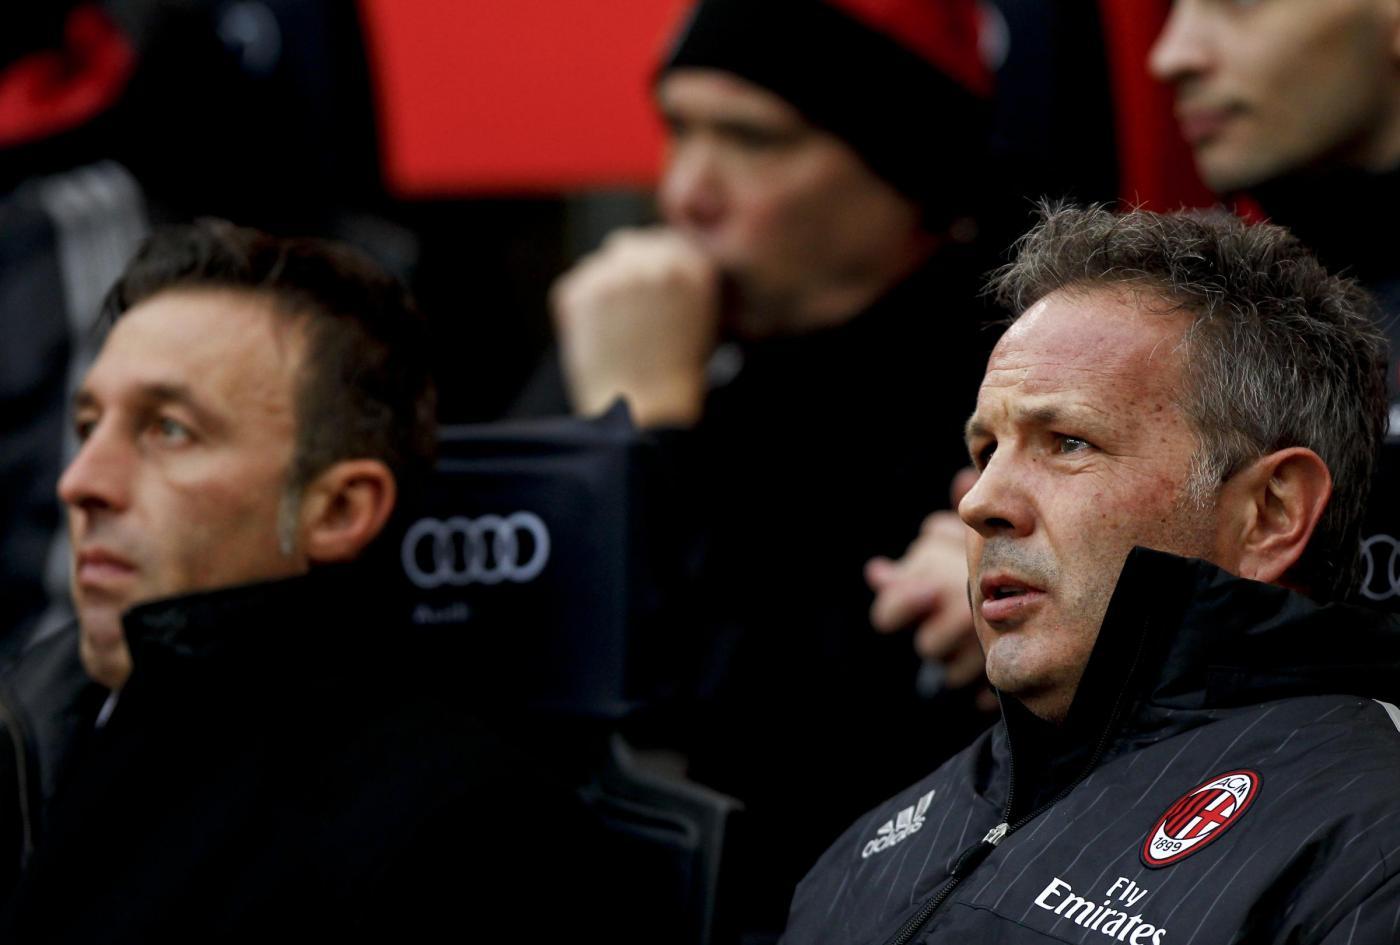 Calciomercato Milan, Mihajlovic ha deciso: addio a fine stagione